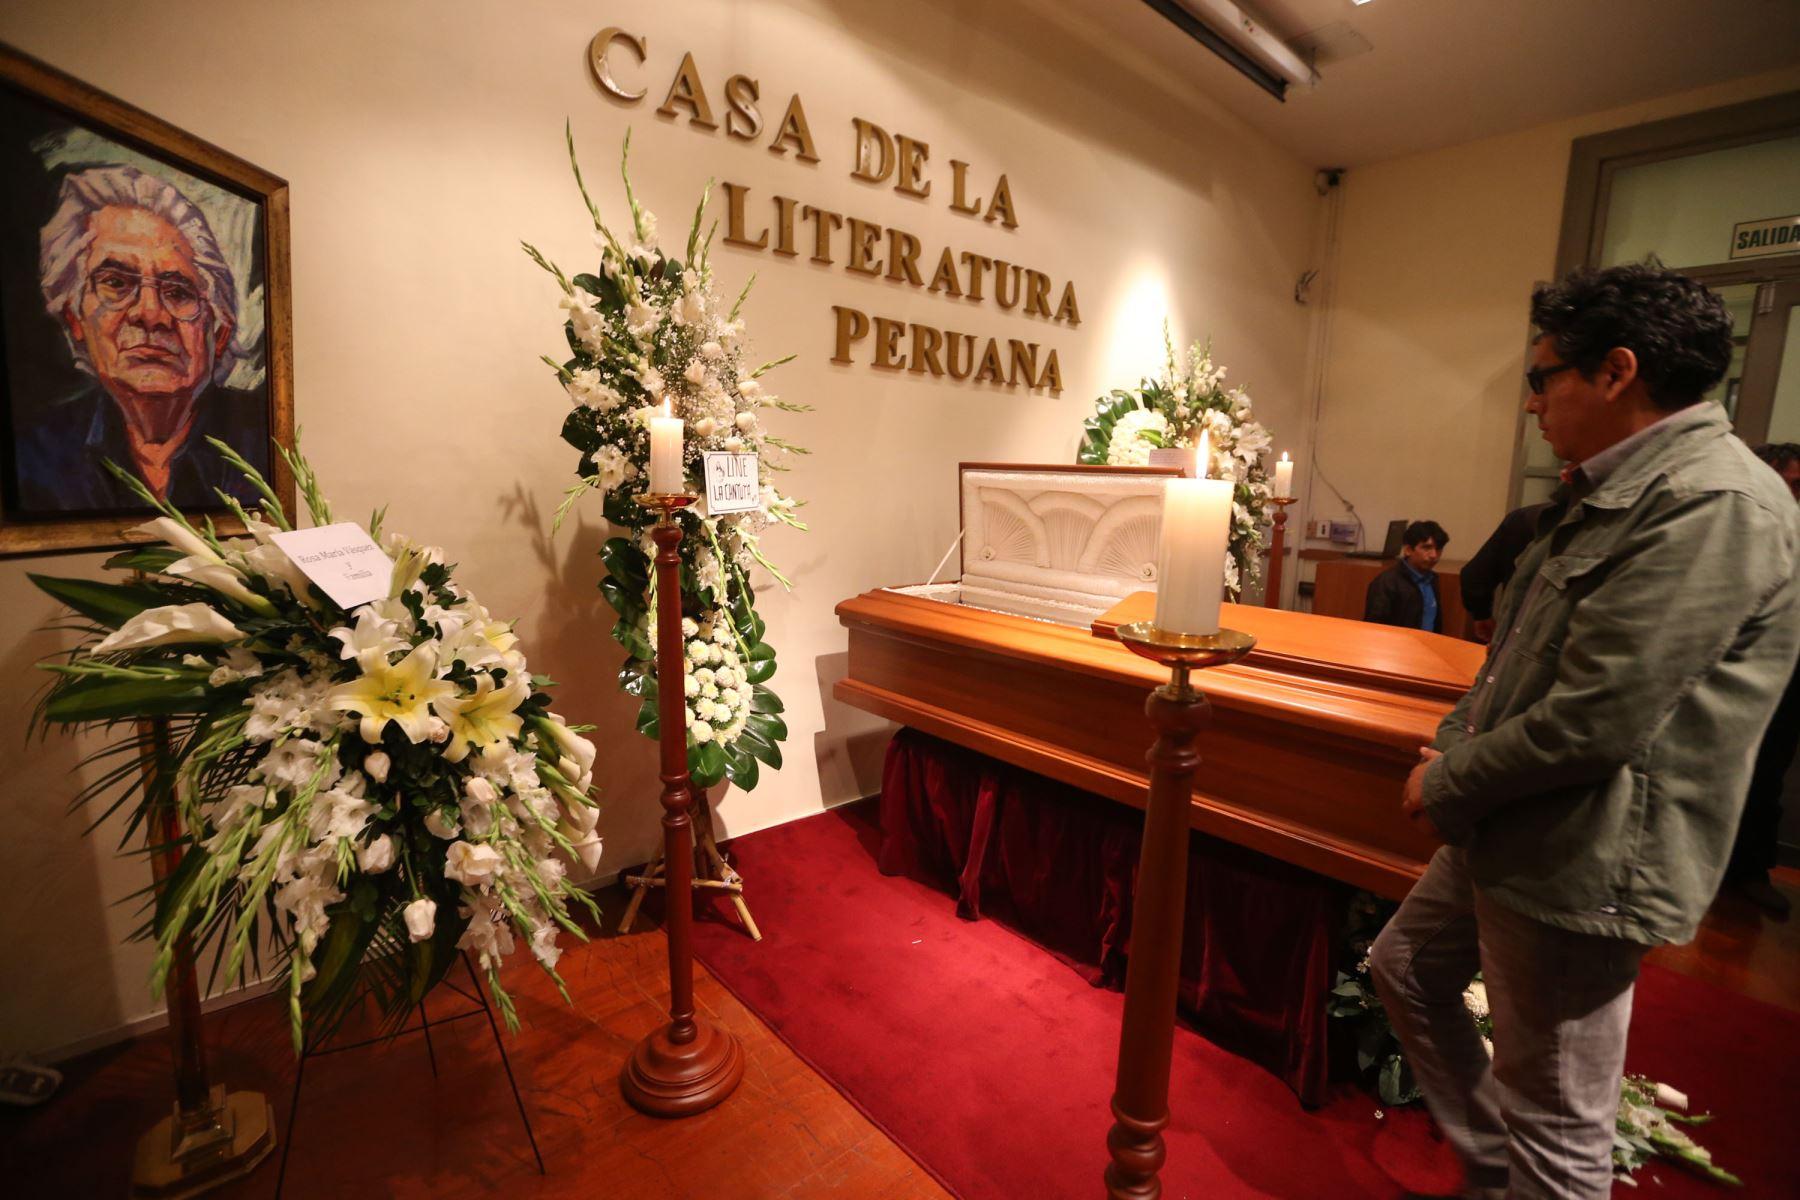 Velatorio del escritor Oswaldo Reynoso Díaz en casa de la literatura Peruana. ANDINA